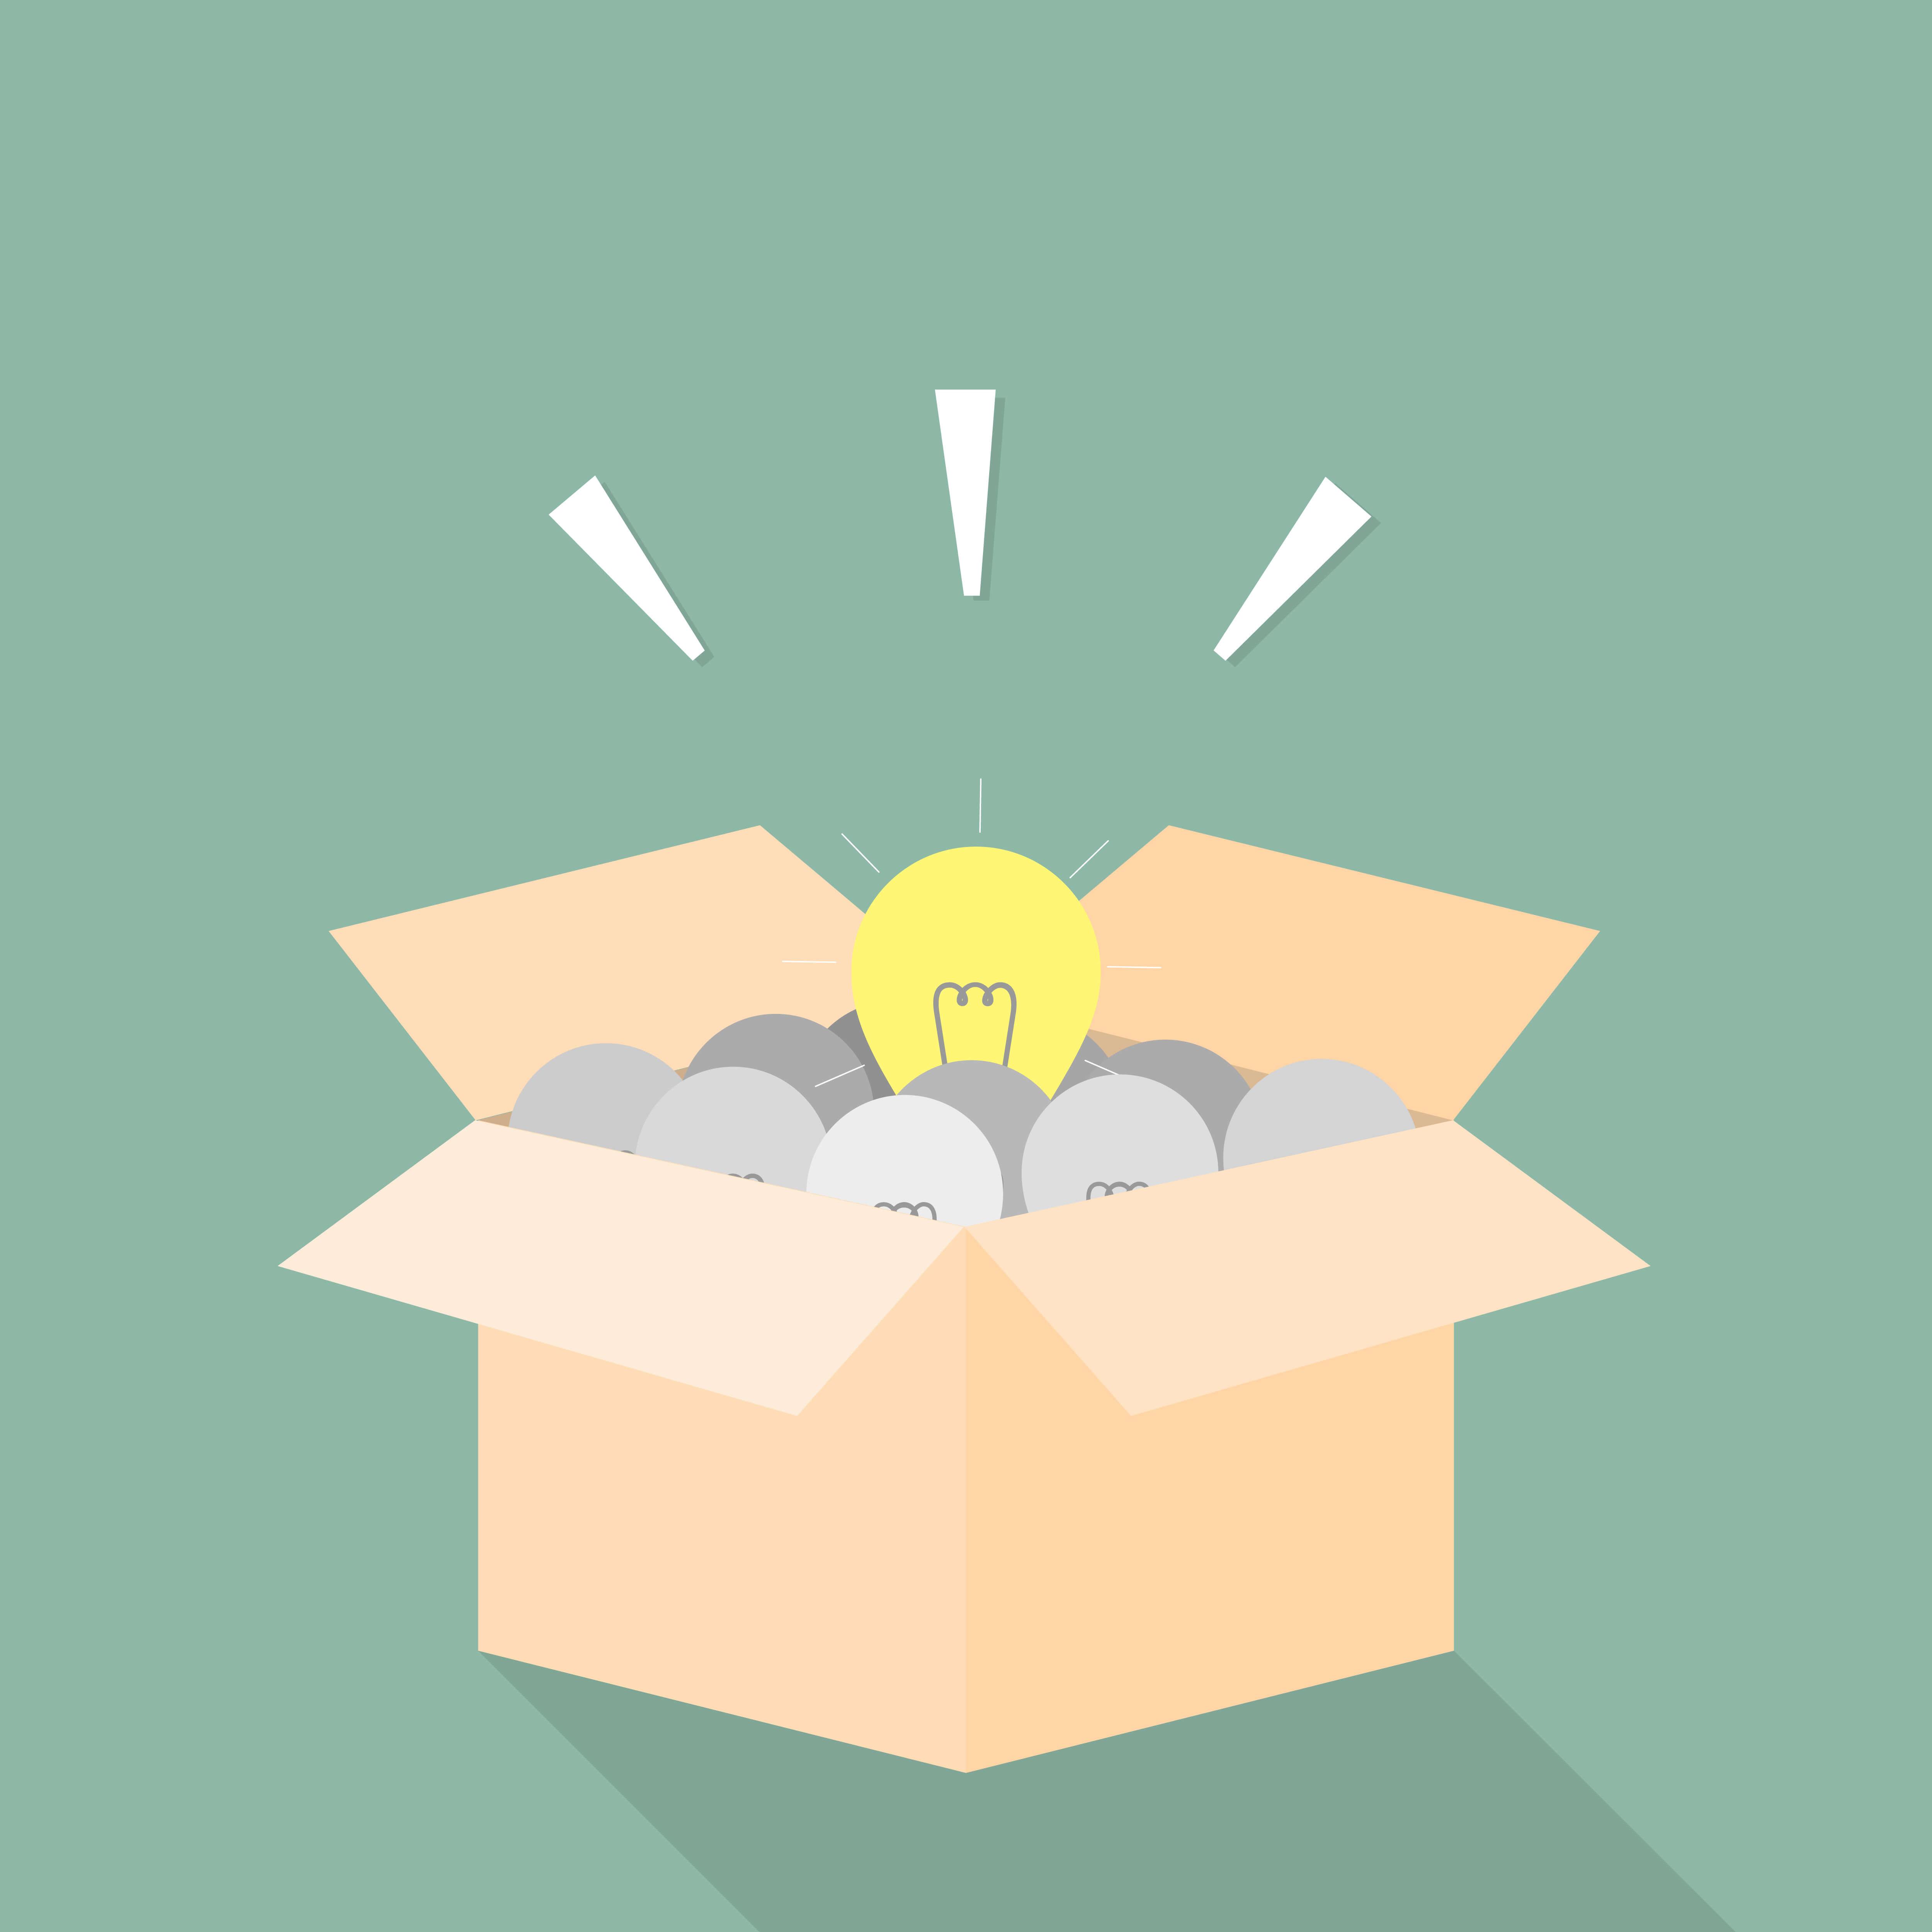 Light bulb in box. good idea concept.